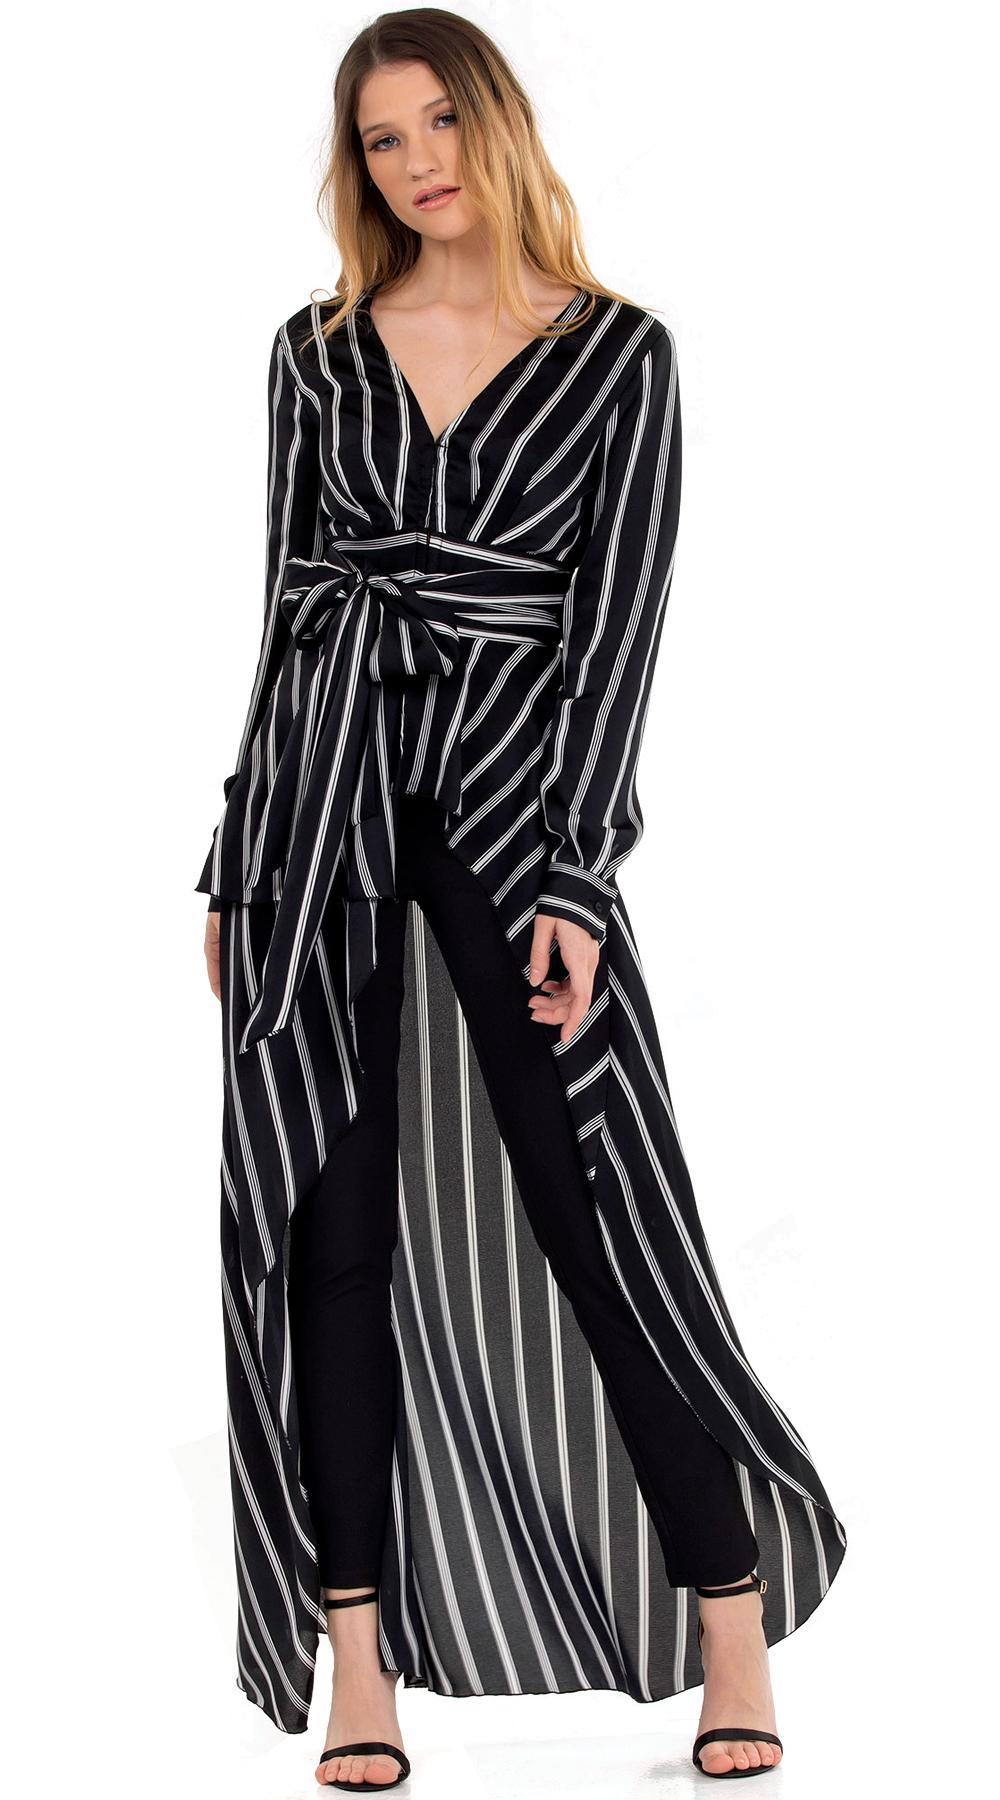 Γυναικείο μακρύ statement πολυμορφικό τοπ ριγέ Online - ONLINE - SP18ON-16070 μπλούζες   t shirts elegant tops